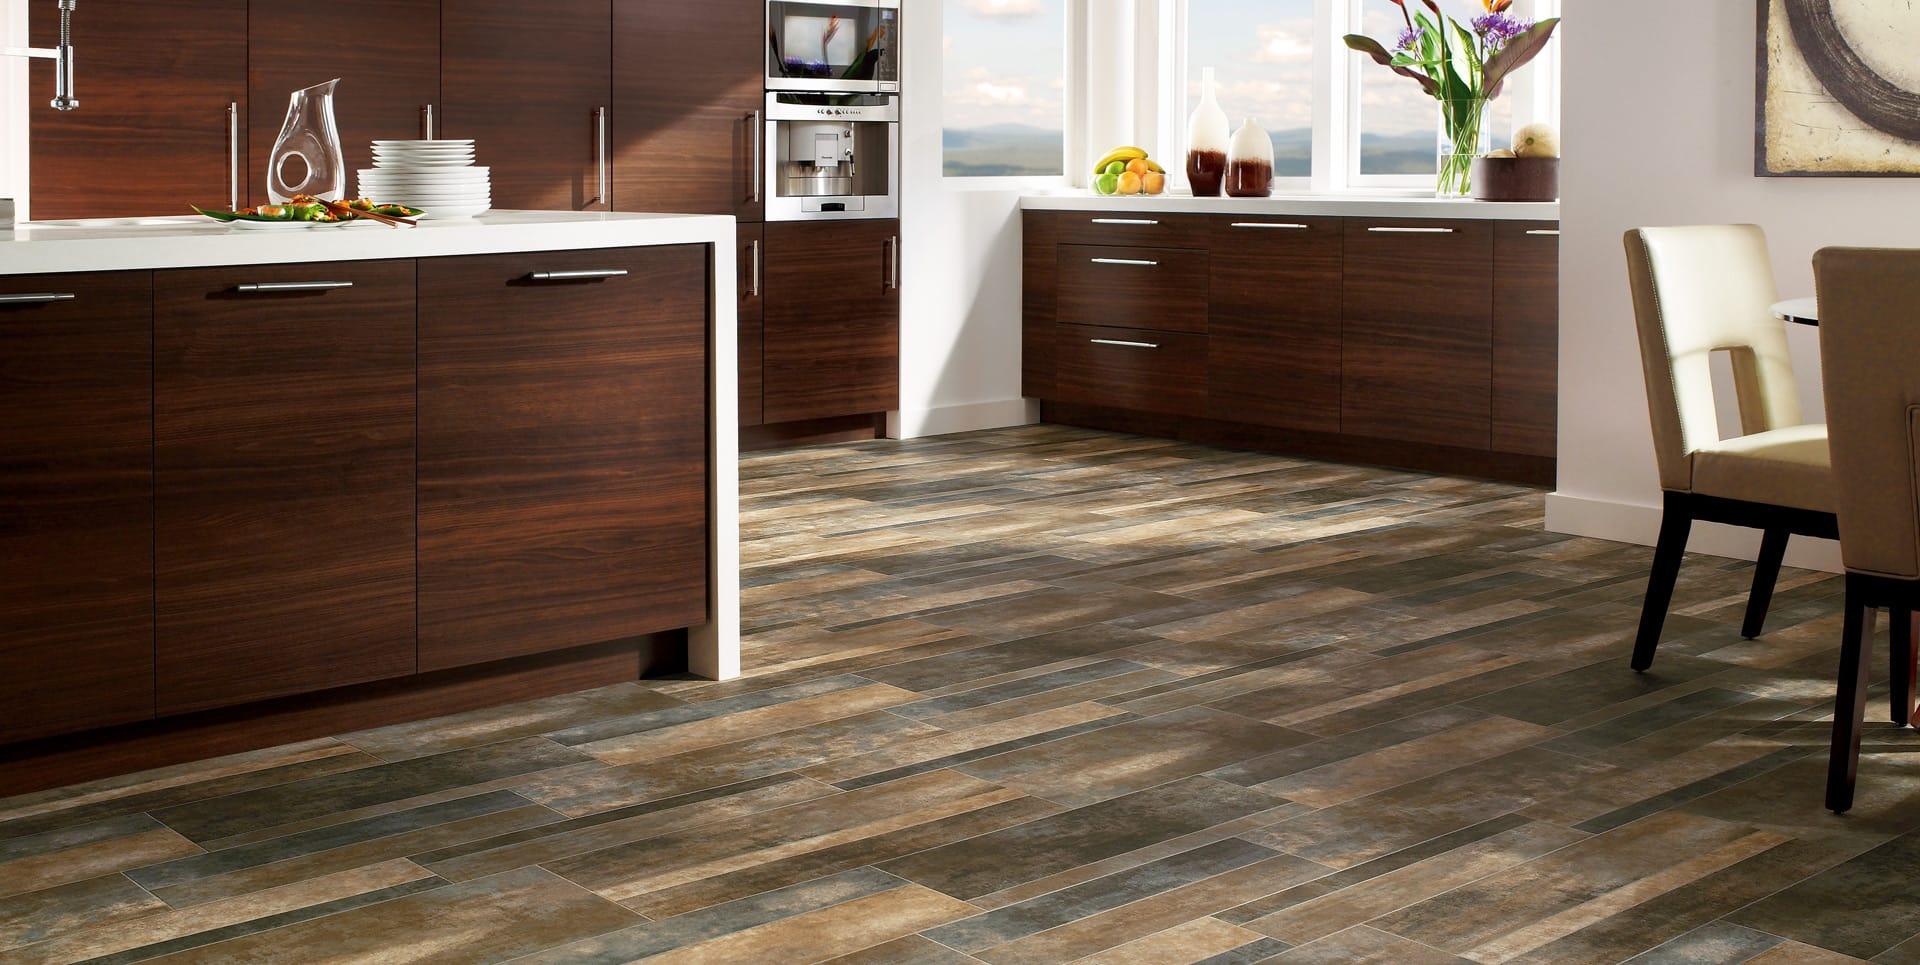 Kitchen Vinyl Flooring - Kingston Flooring